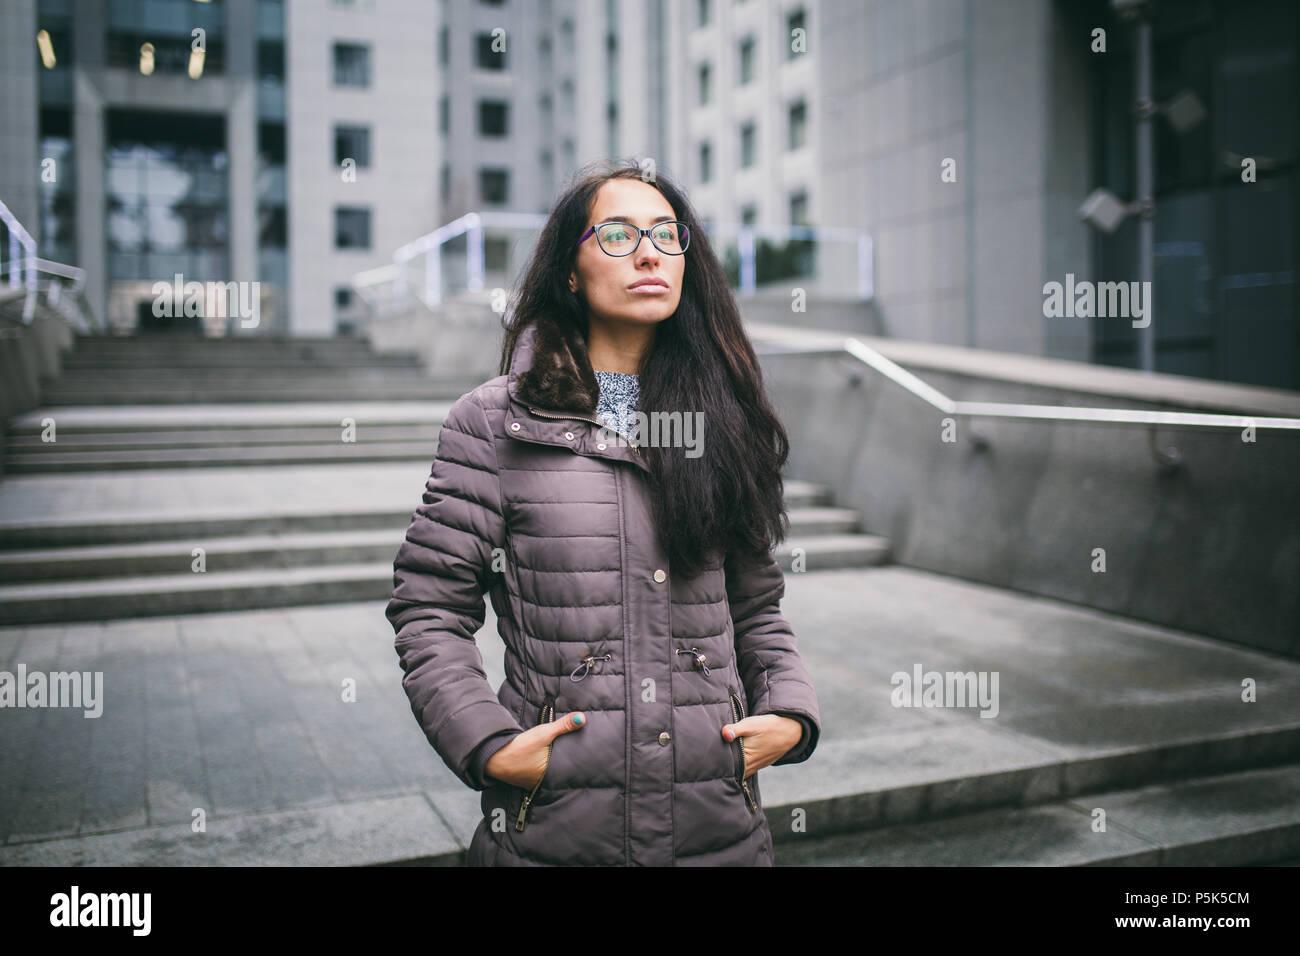 new concept d38d4 9eaaf Schöne junge Frau der Europäischen Ethnizität mit lange ...